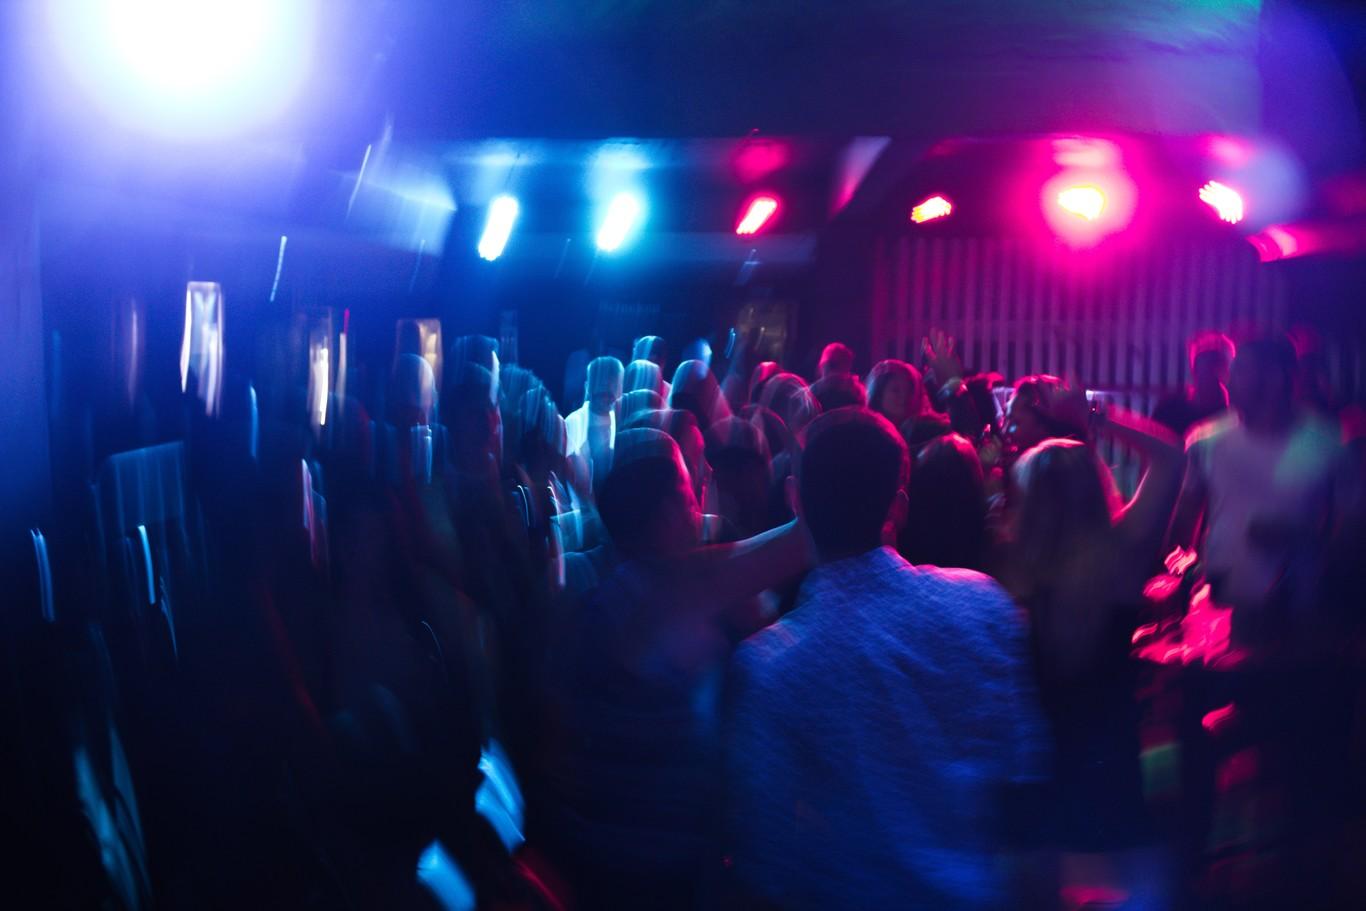 Organizan fiestas para contagiarse de Covid-19 en Estados Unidos